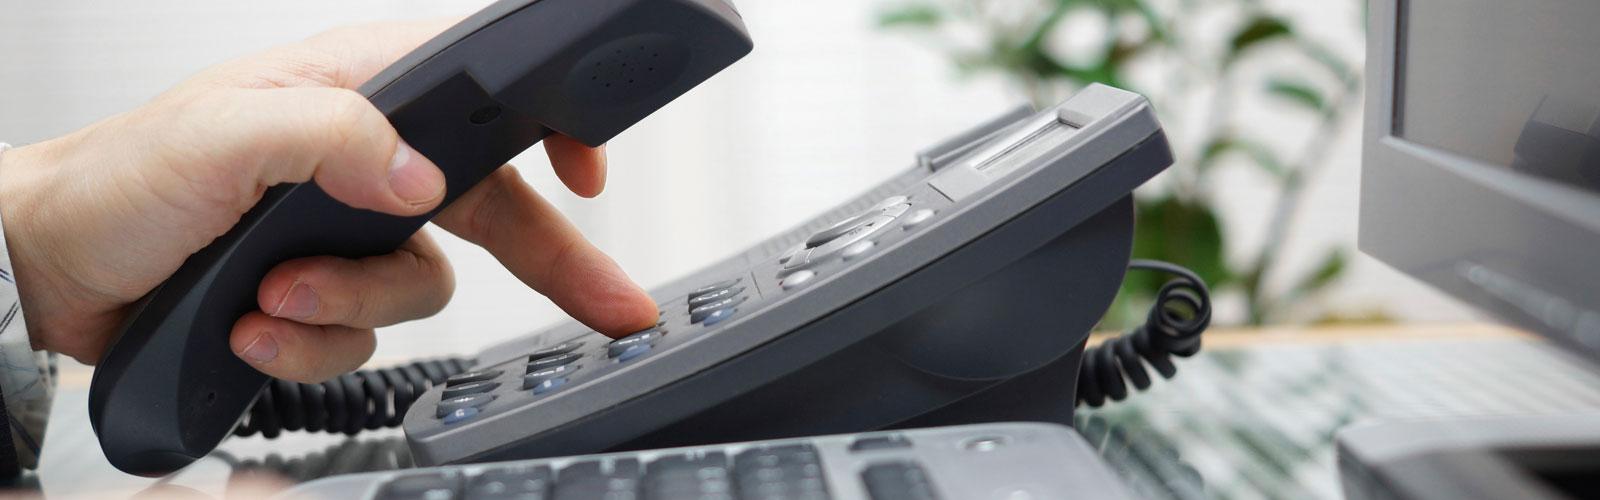 Telefonia - A rede de telefonia fixa, consiste na instalação de uma Central telefônica, podendo interligar vários pontos [ramais] com diversos tipos de equipamentos [KS – TELEFONES SEM FIO …]